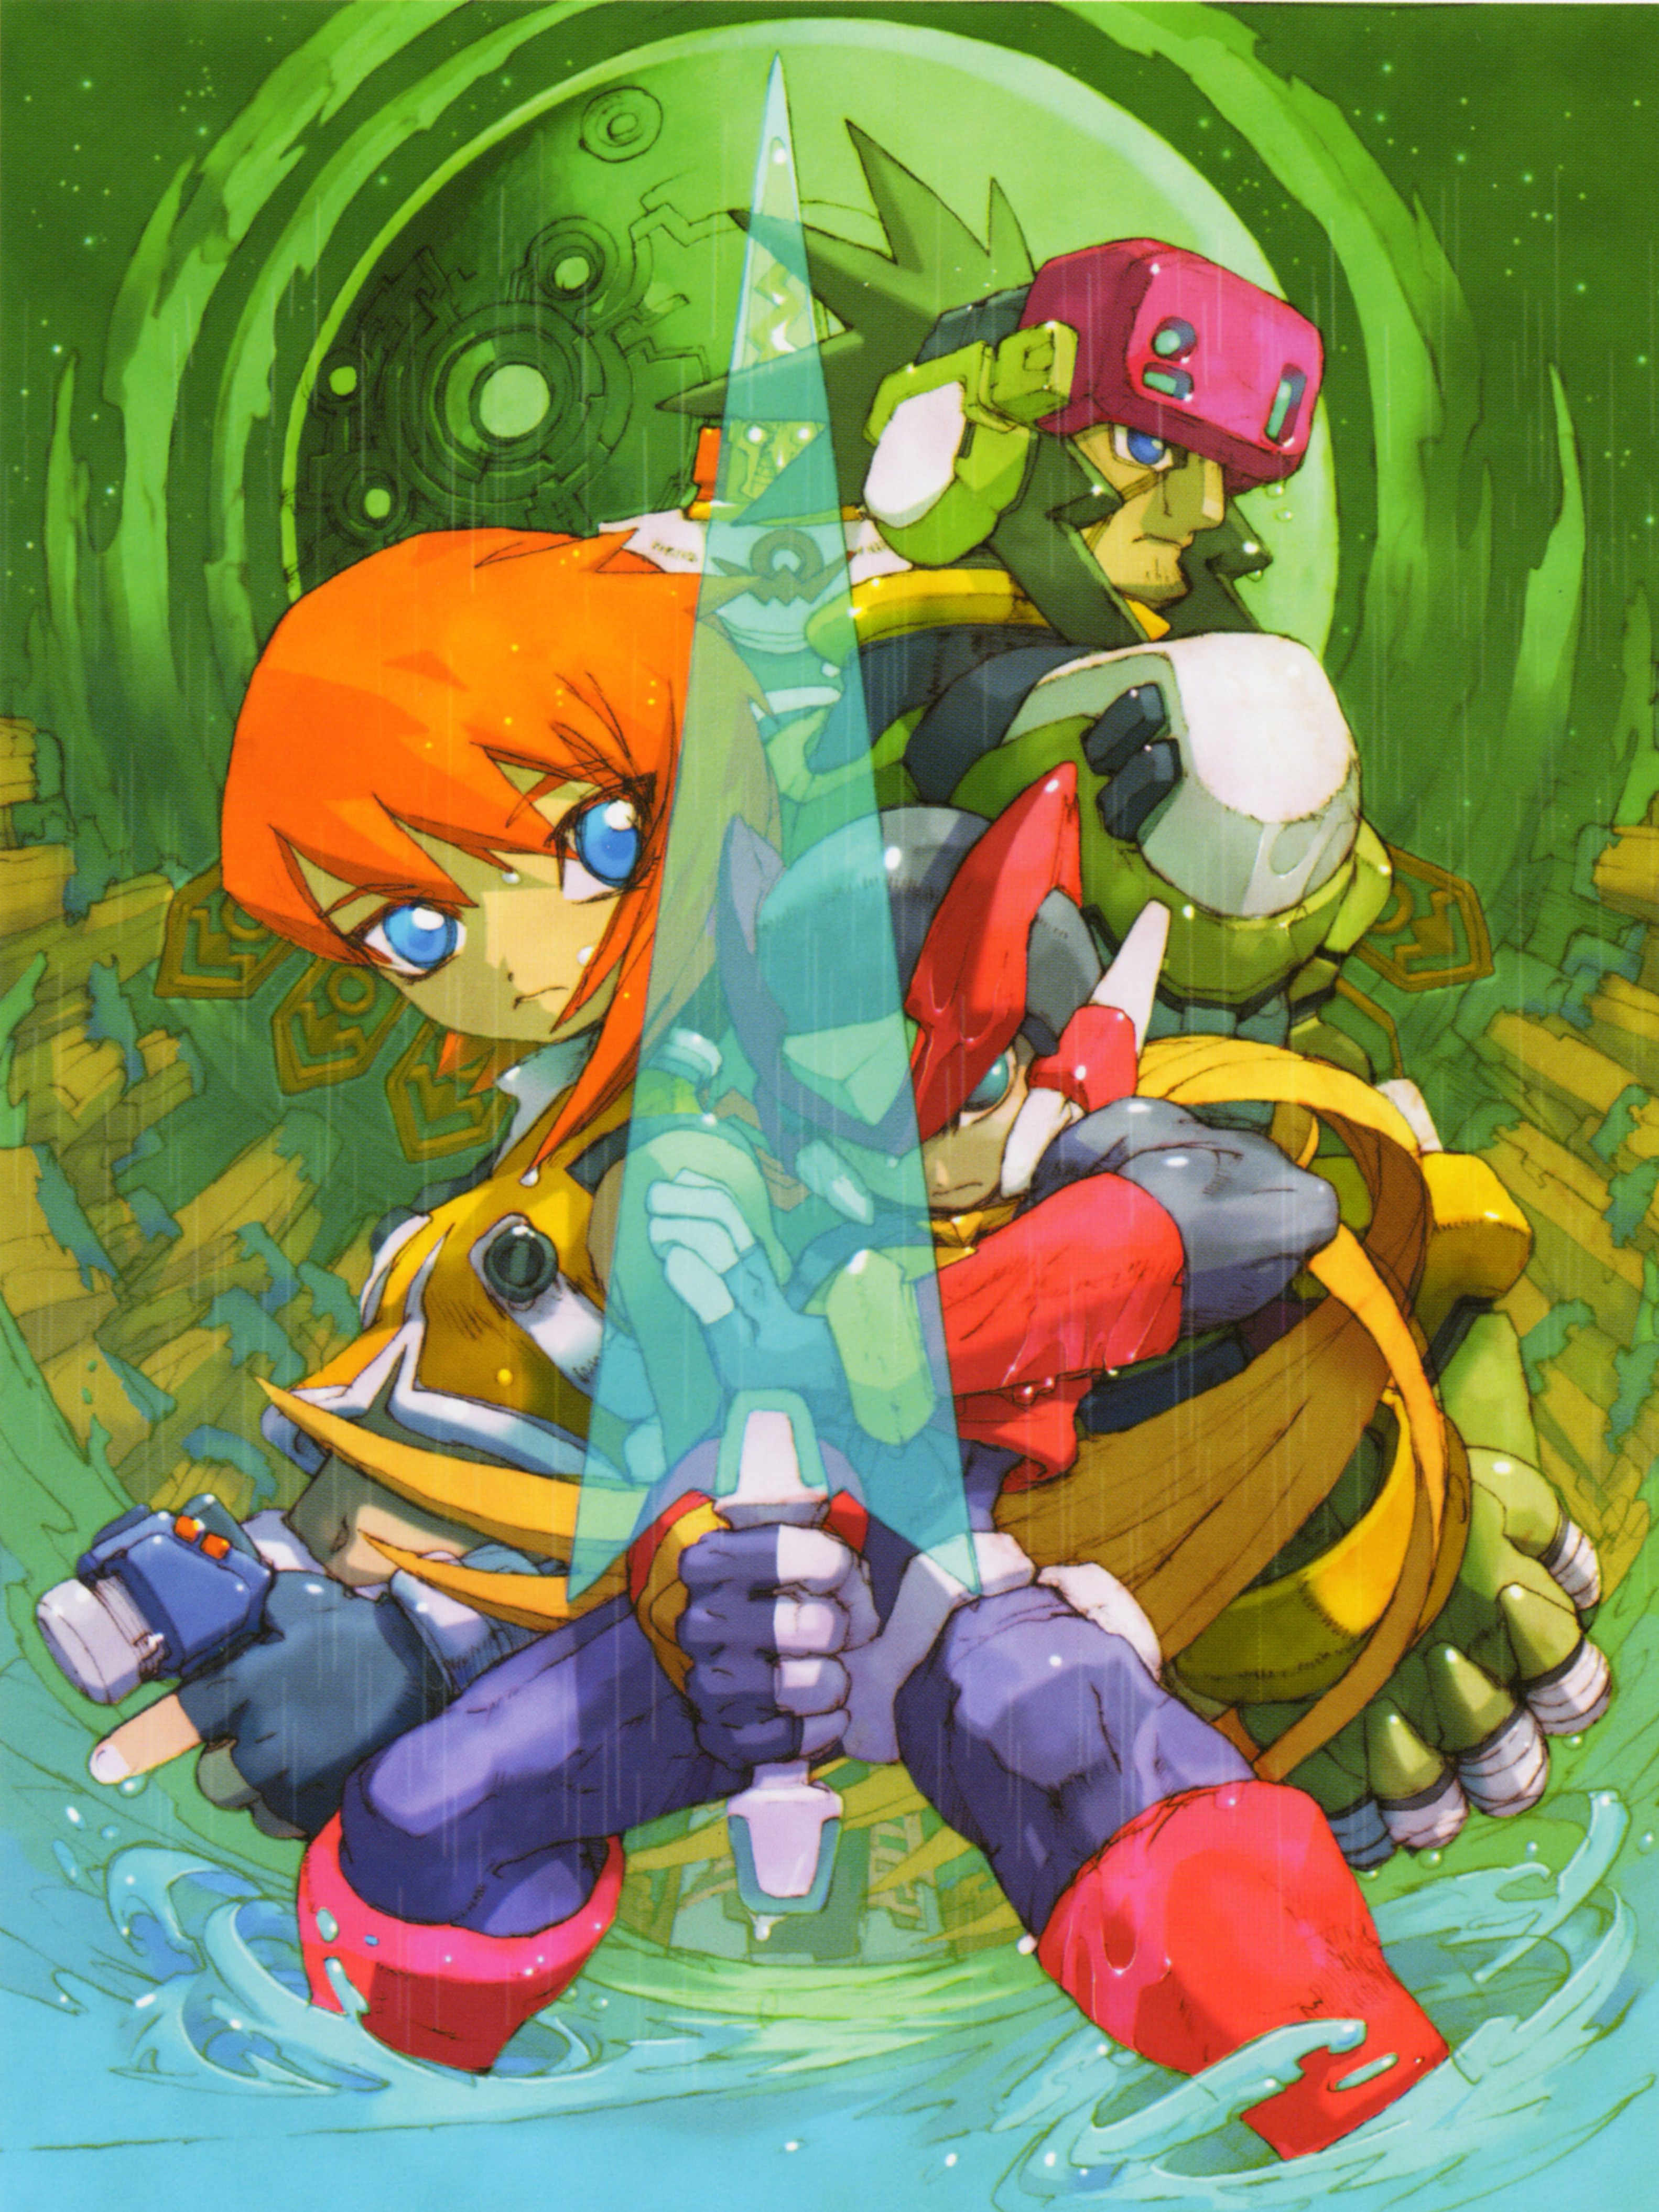 Mega man zero 4 mmkb fandom powered by wikia gameplay voltagebd Images